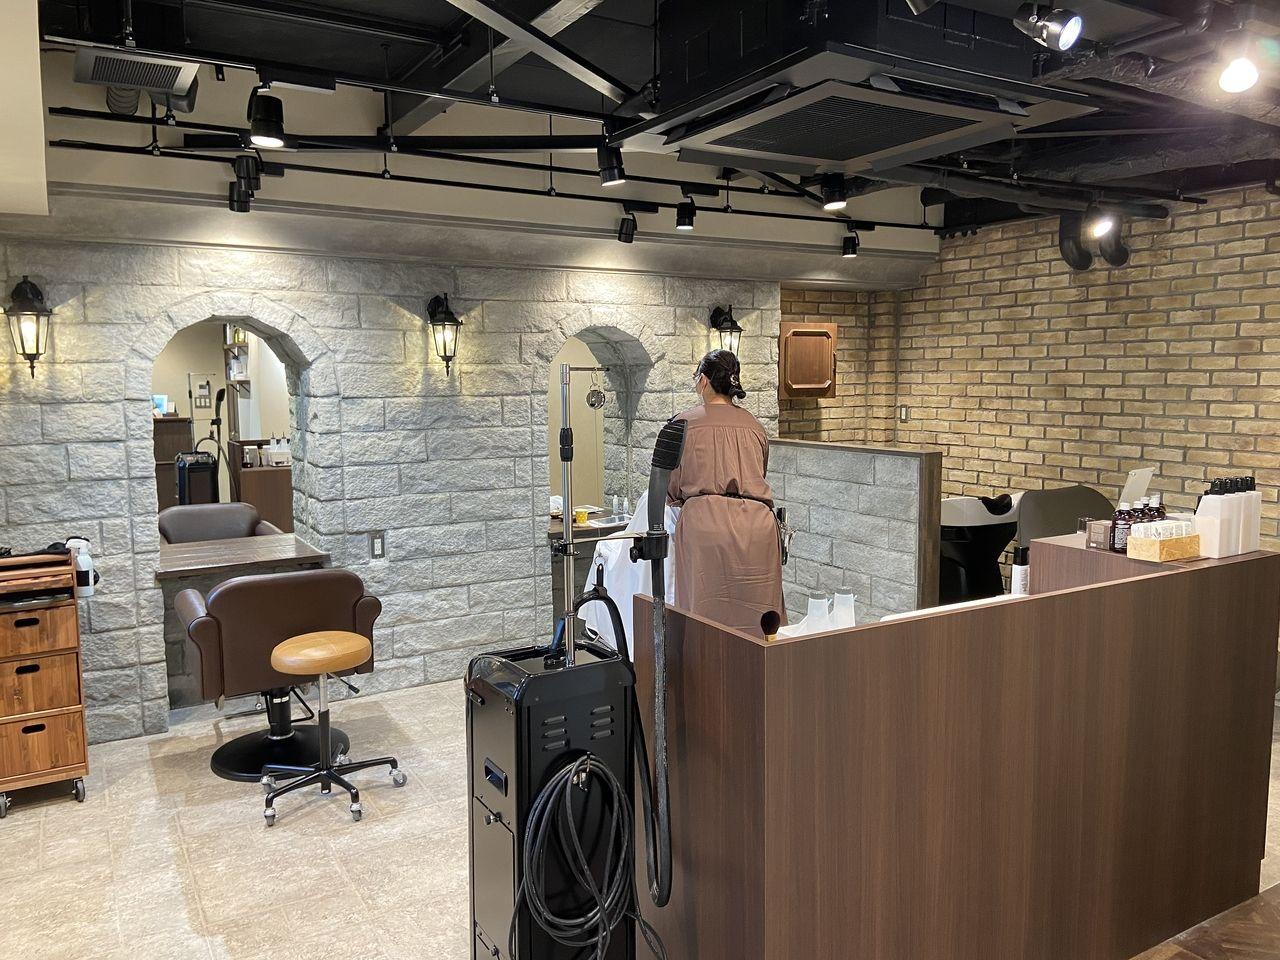 たまプラーザの美容室のMoi plus hair & head spa/モイ プラスに関しまして、たまプラーザ・あざみ野の貸店舗・貸事務所・賃貸マンション・たまプラーザ団地が得意なクーパーズ不動産のページでご紹介でご紹介。